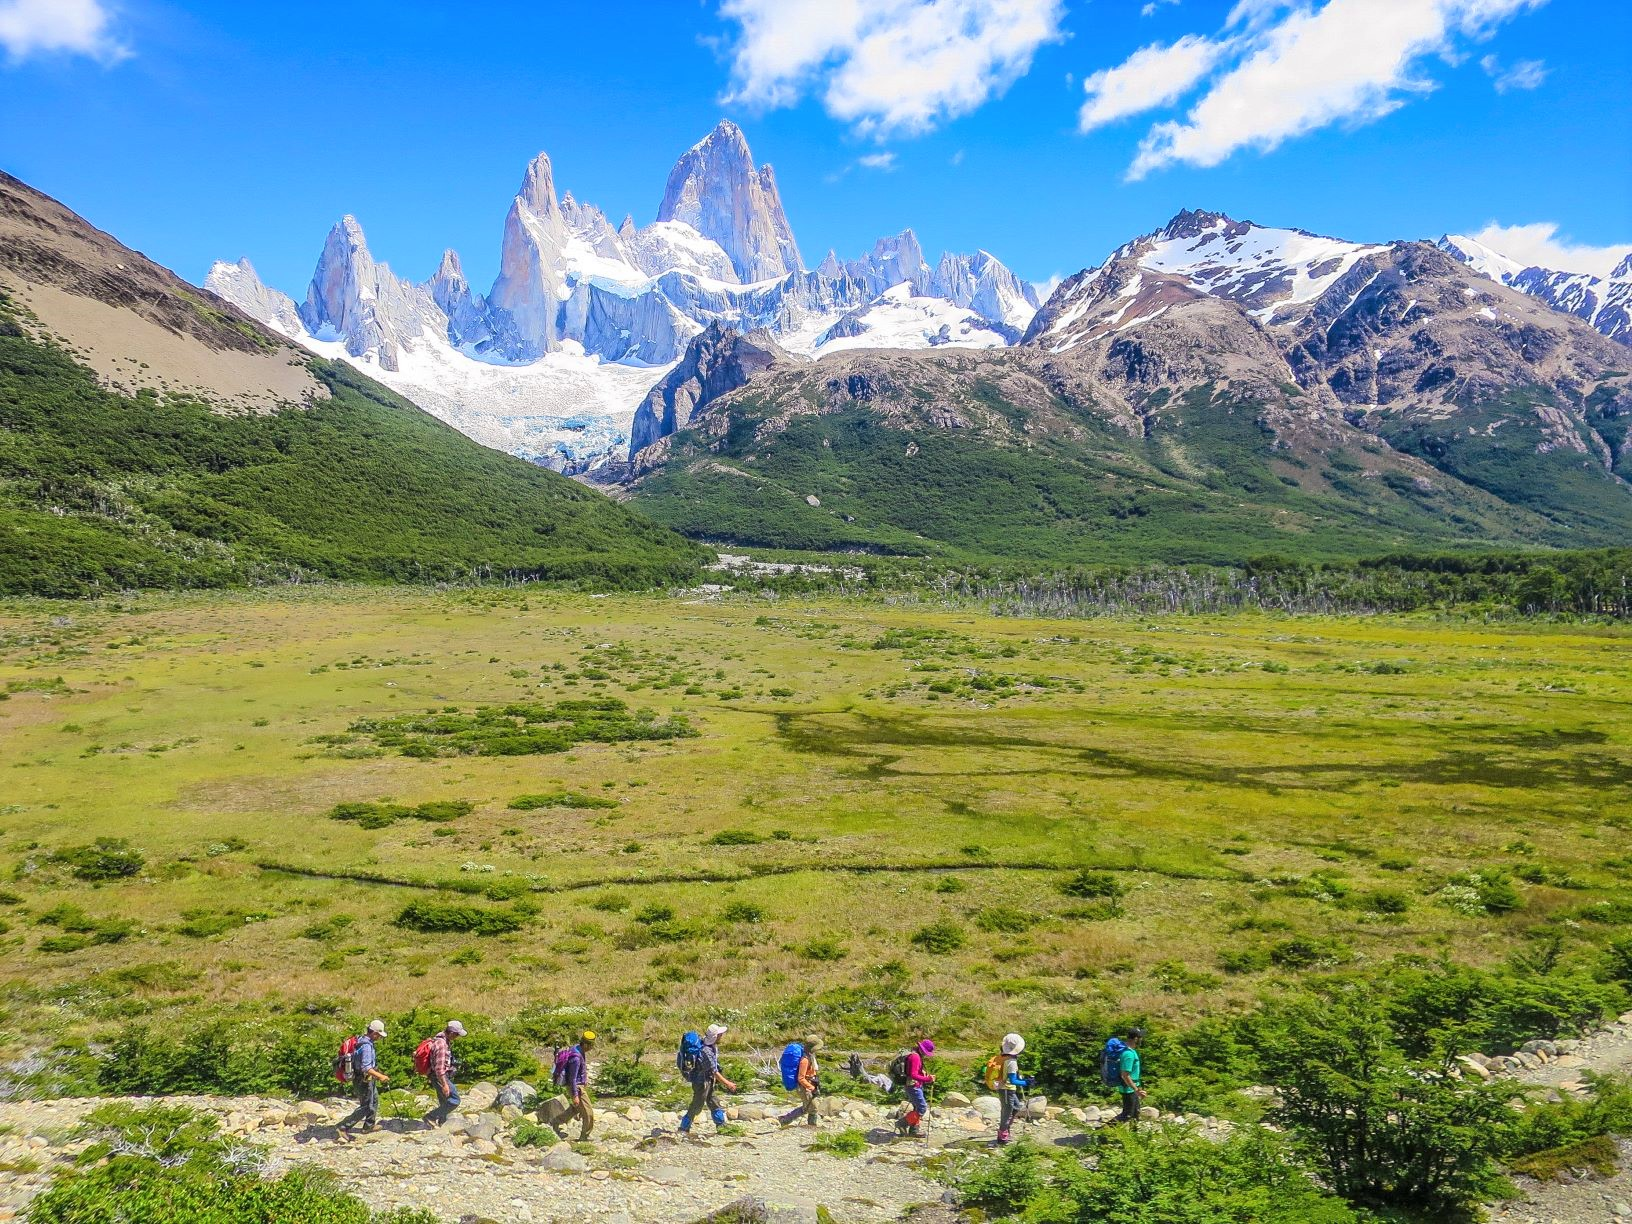 パタゴニアの名峰フィッツロイ山群のパノラマを眺めながらトレッキングを楽しむ(アルゼンチン)